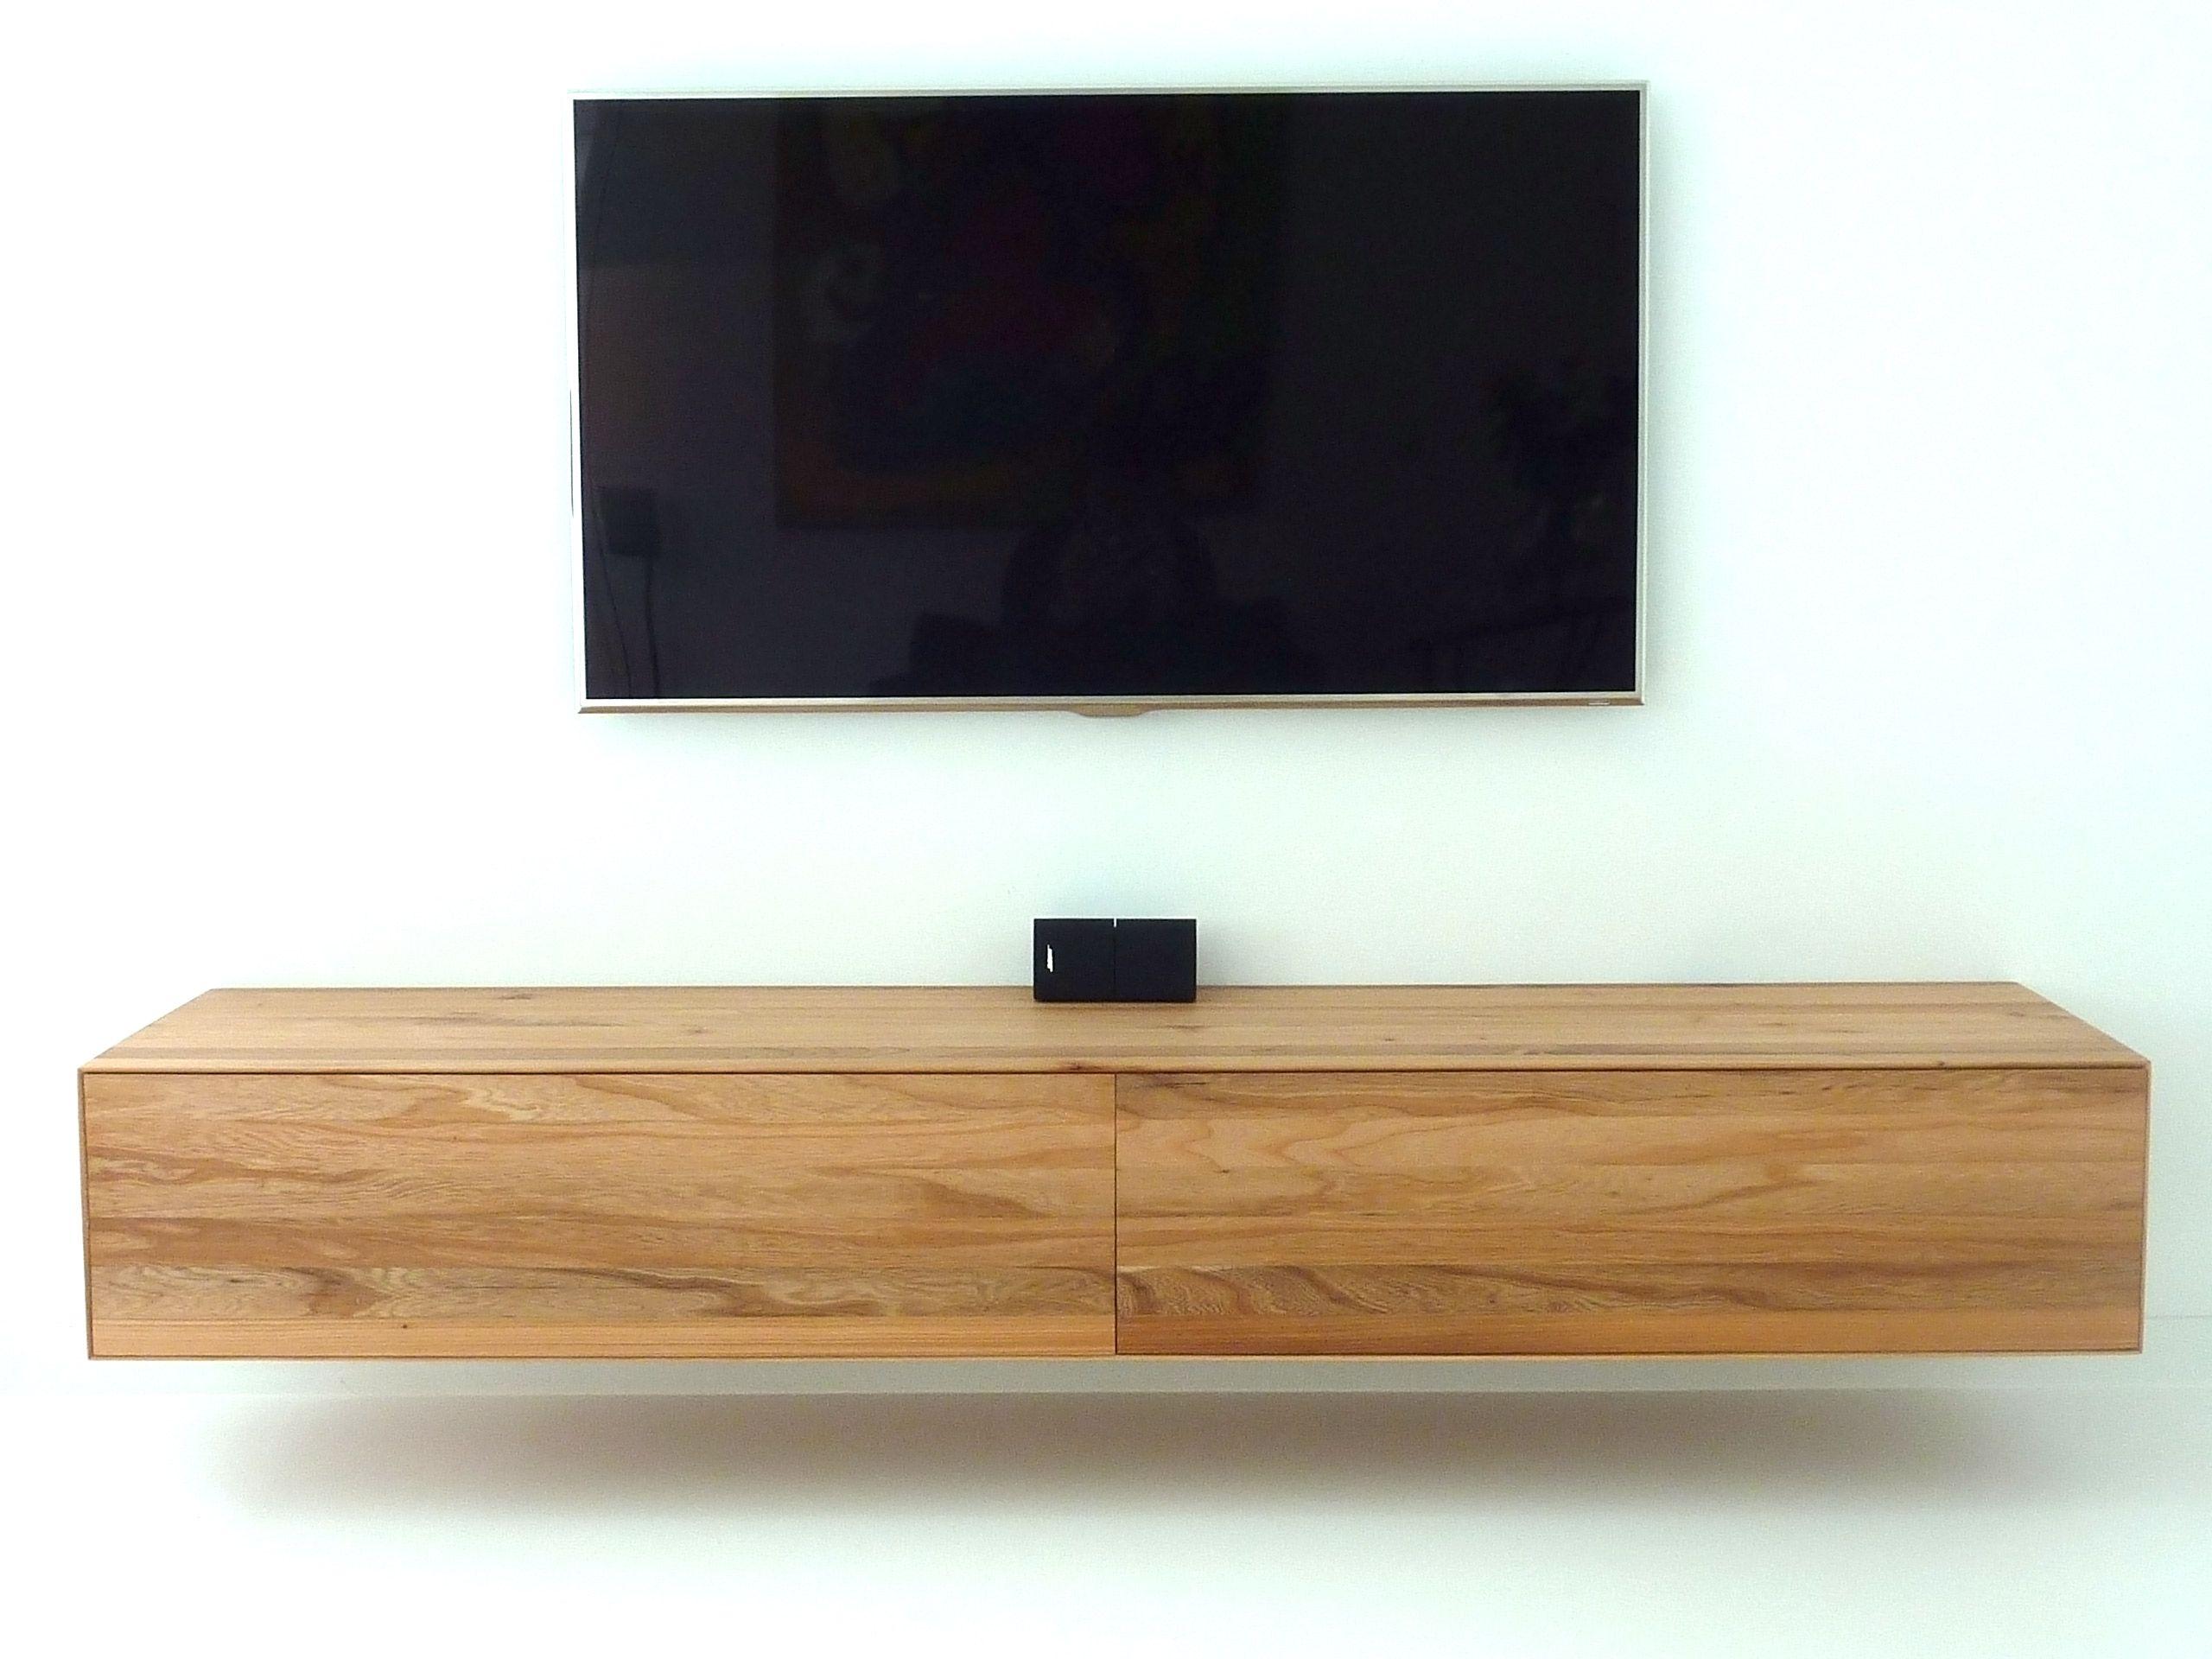 Zwevende Plank Tv Meubel.Zwevend En Houten Handgemaakt Audiomeubel Bert Harmens Tv